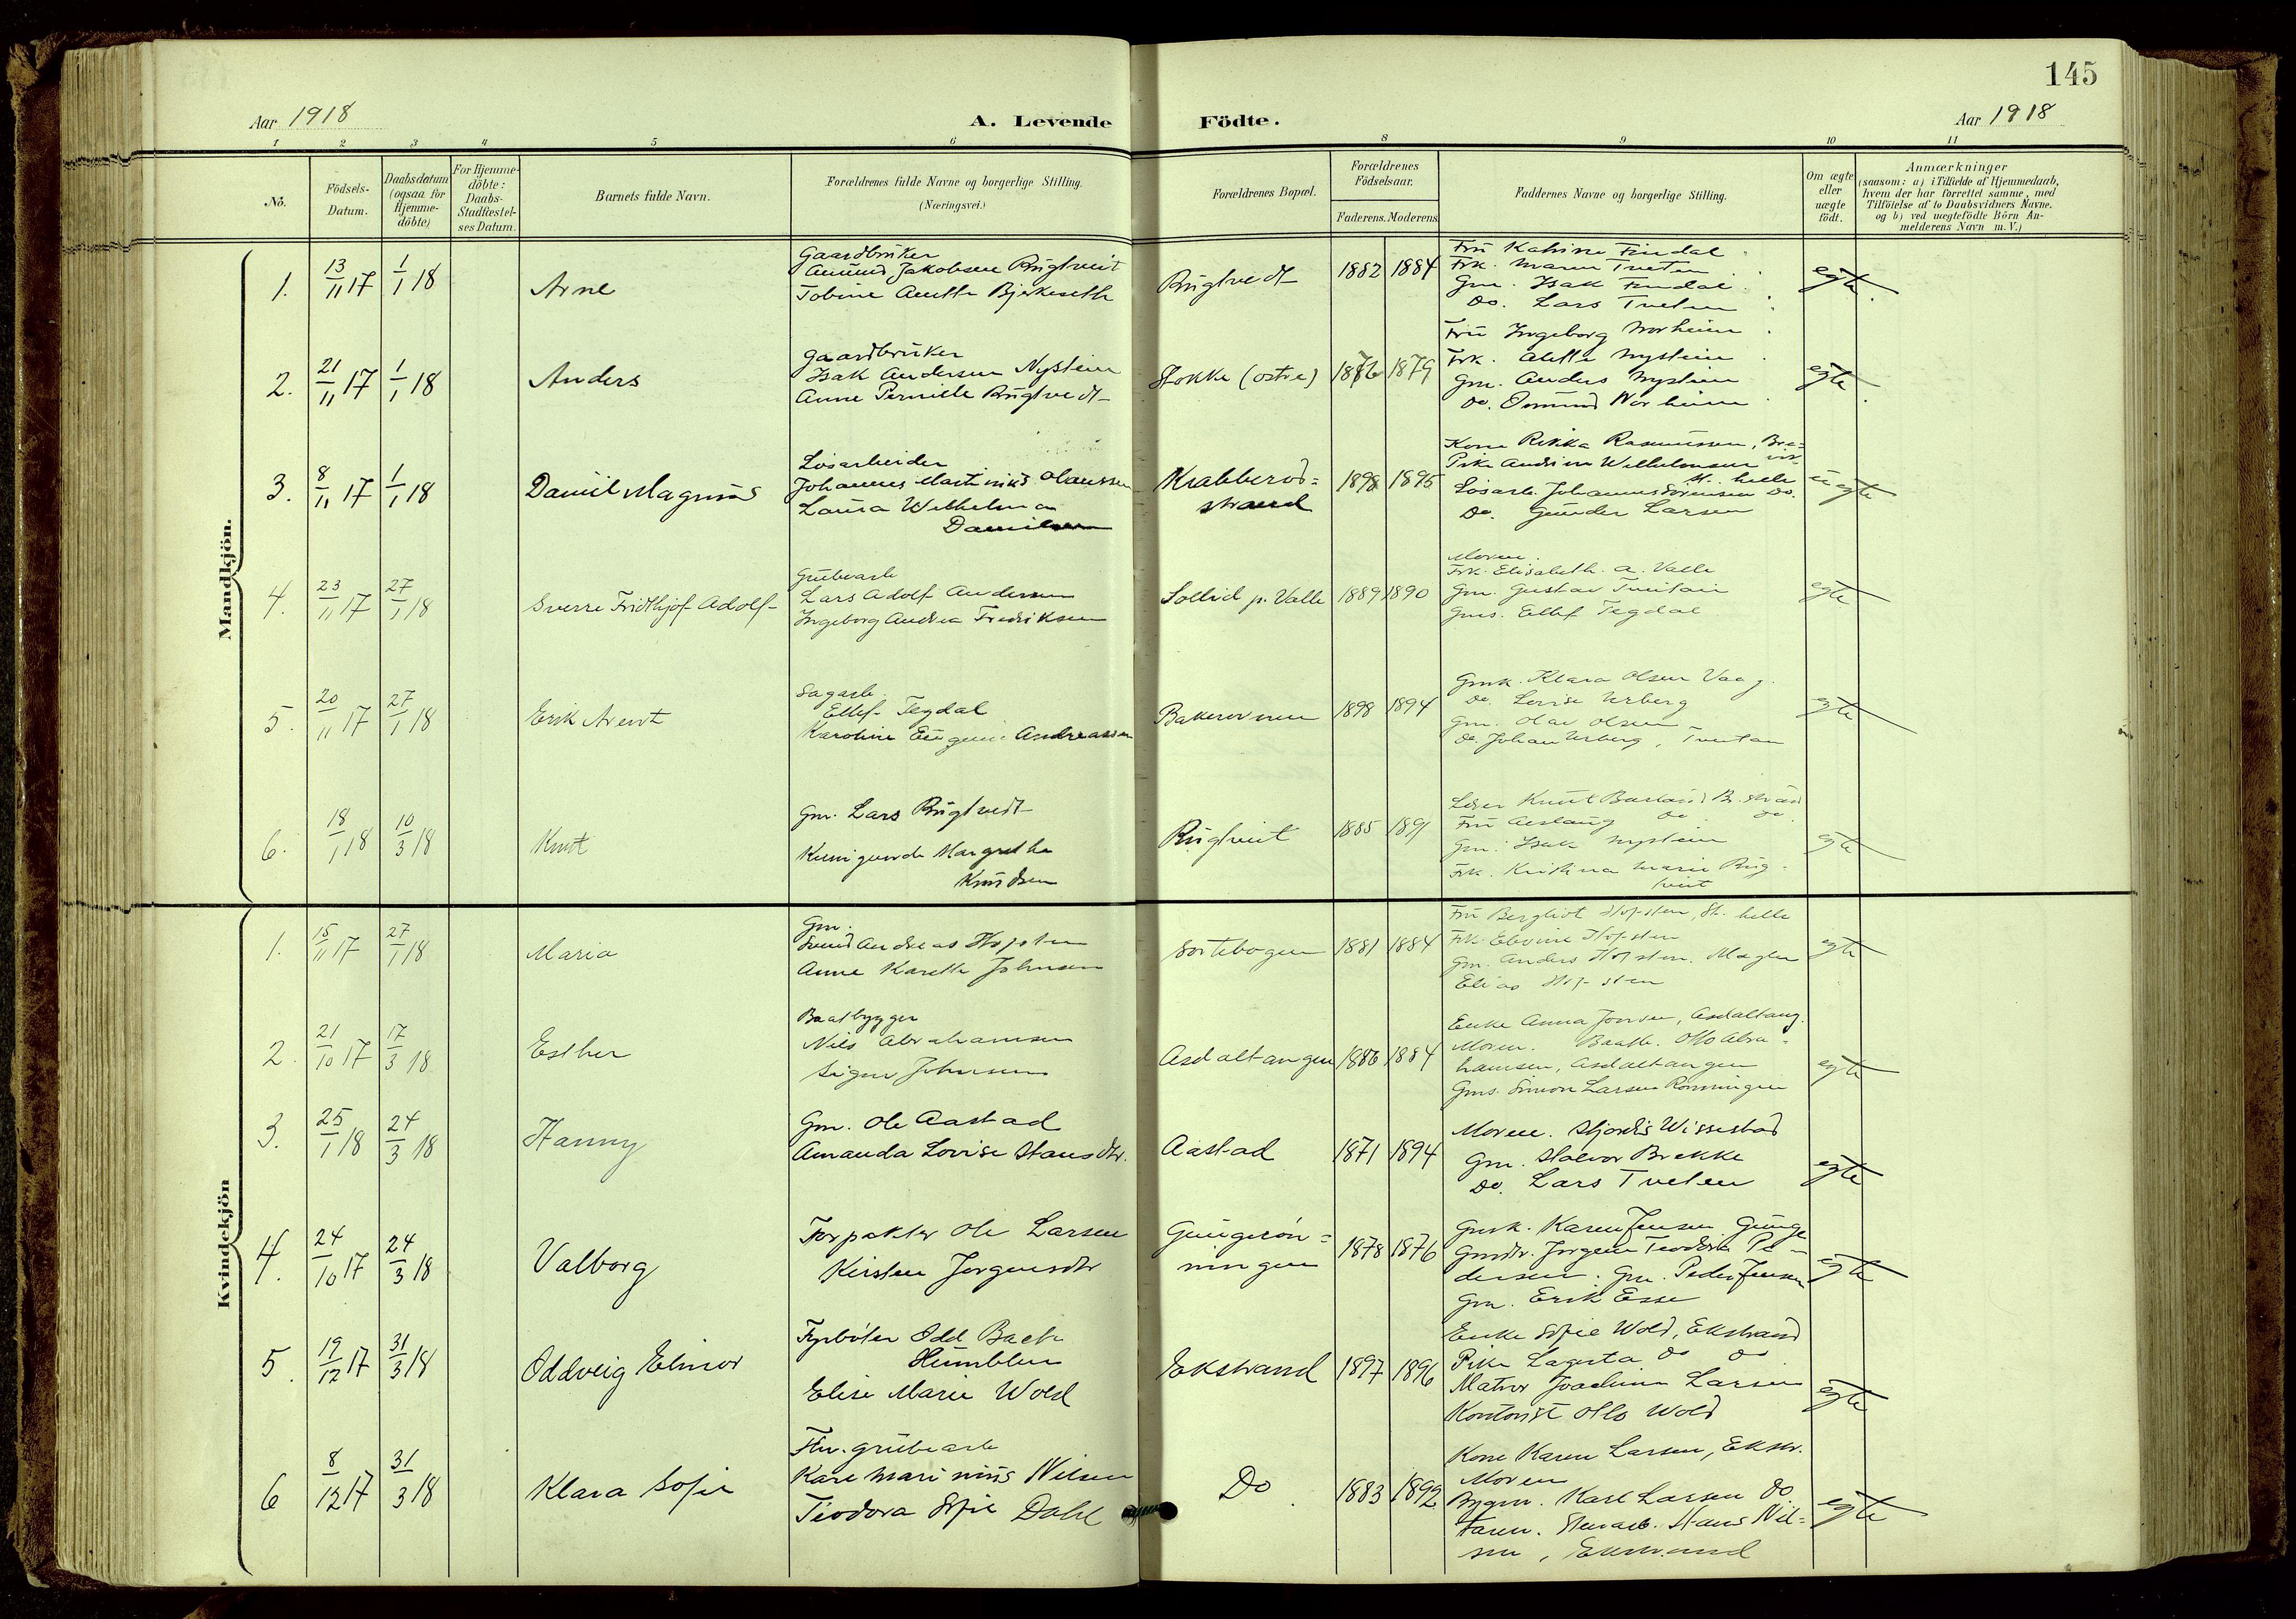 SAKO, Bamble kirkebøker, G/Ga/L0010: Klokkerbok nr. I 10, 1901-1919, s. 145